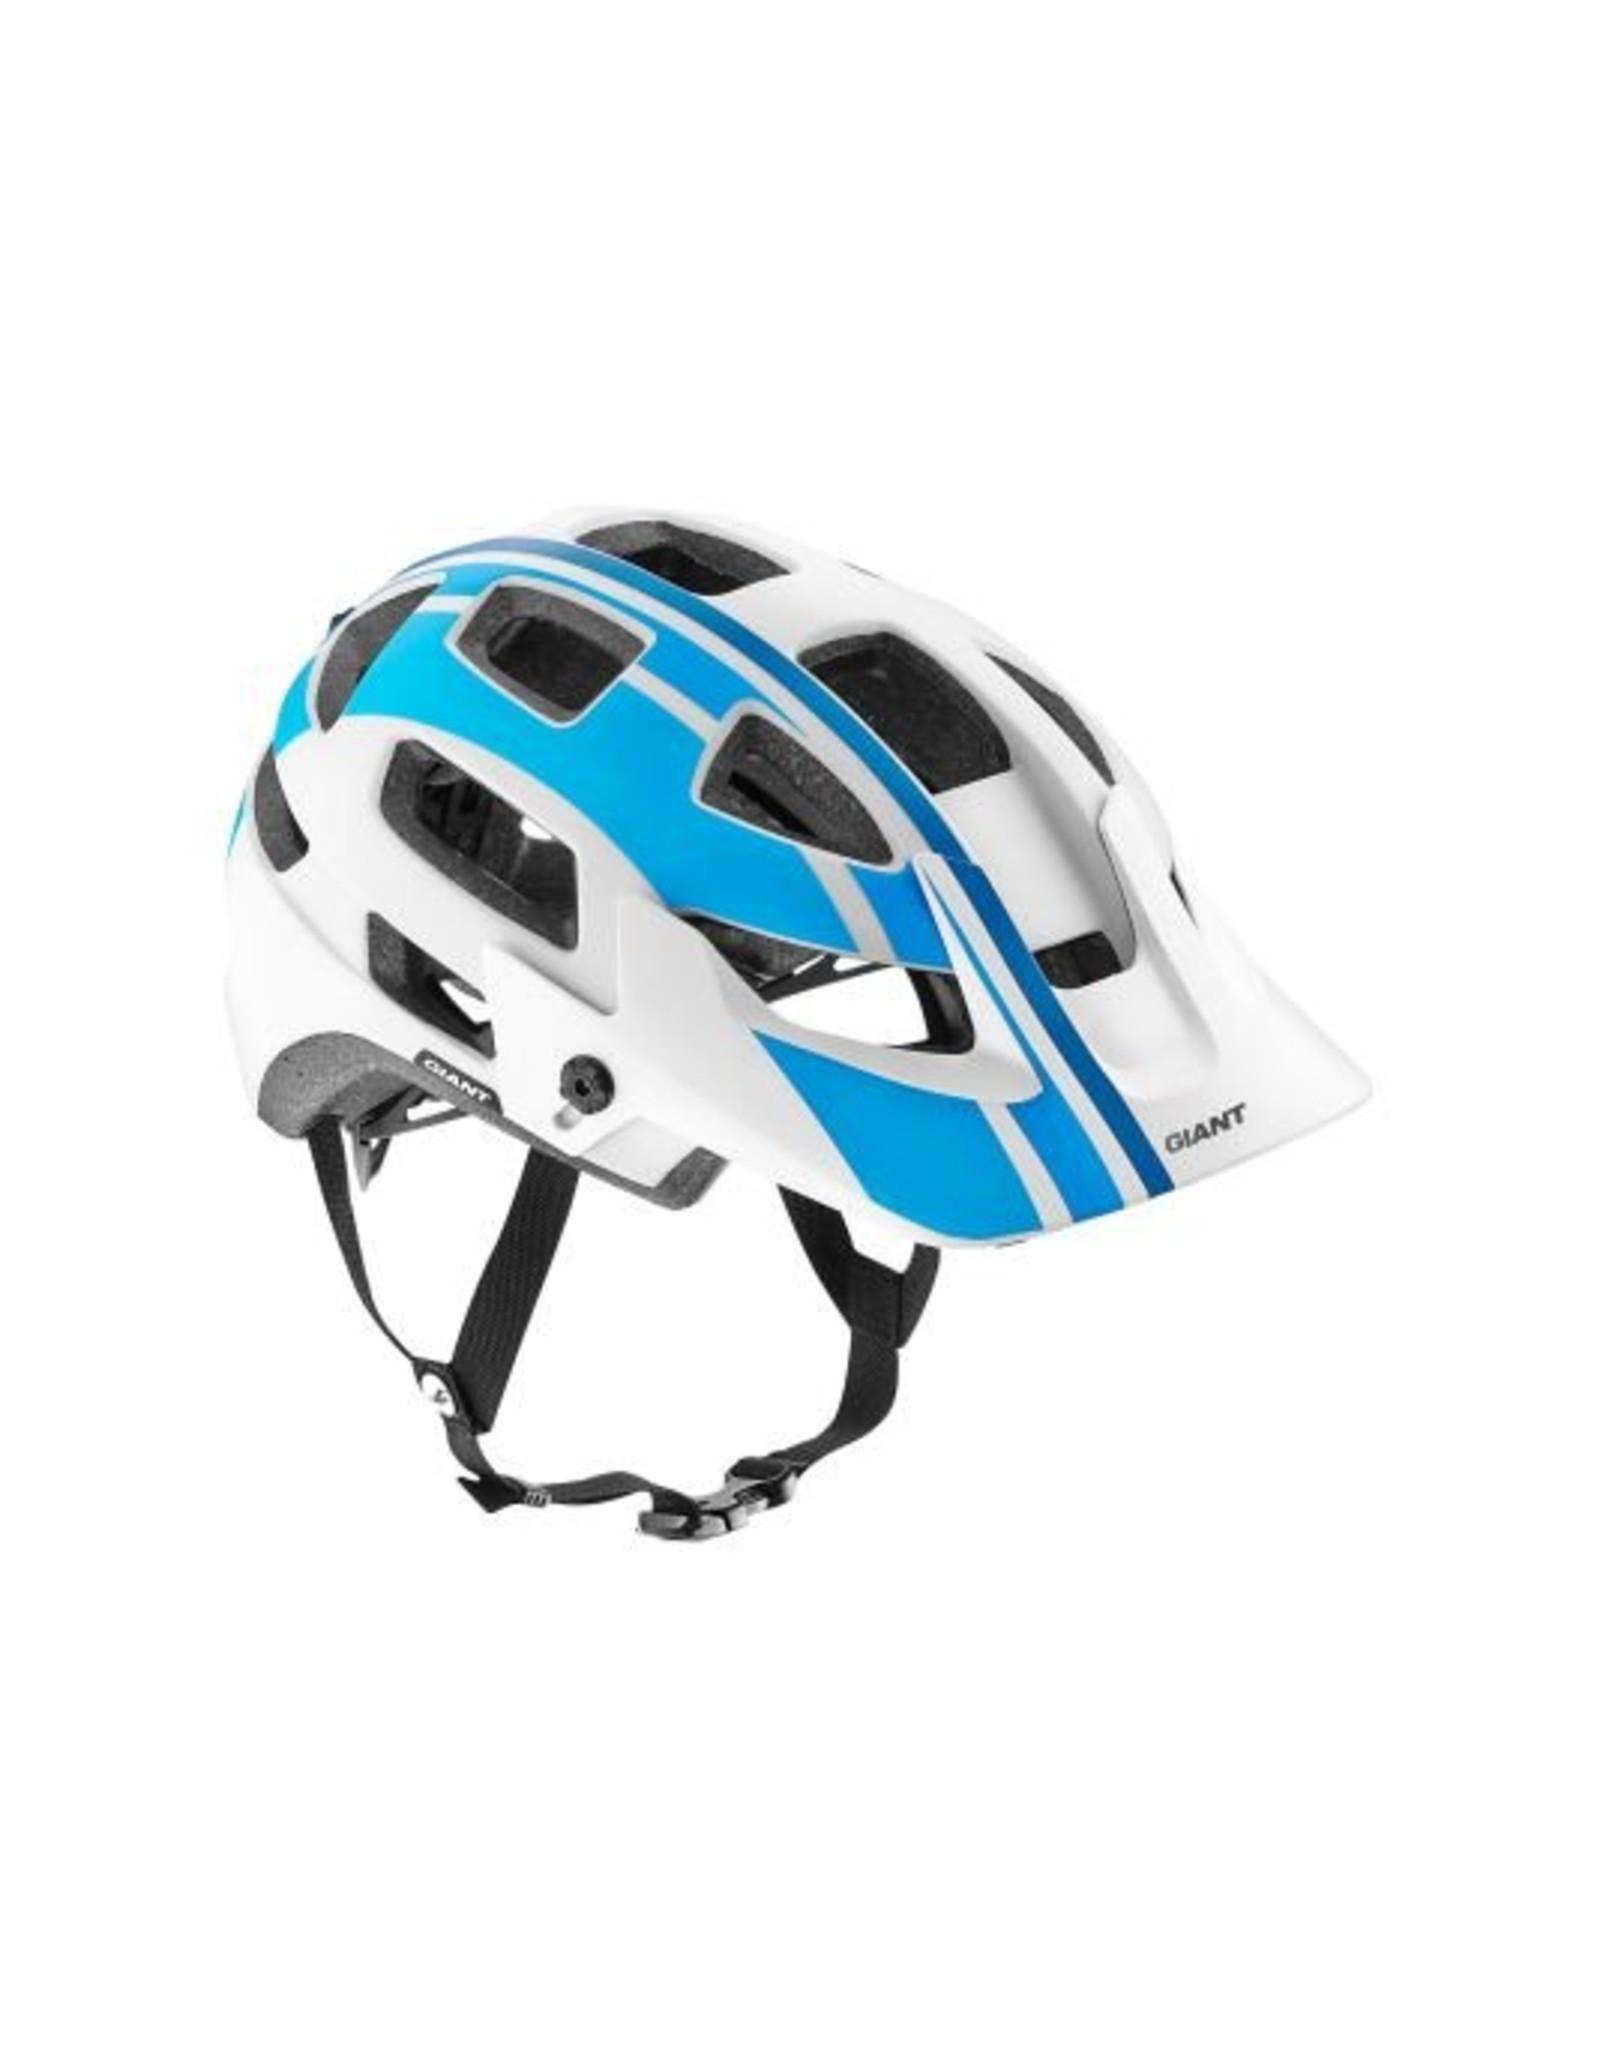 Giant GIANT Rail Helmet SM White/Blue